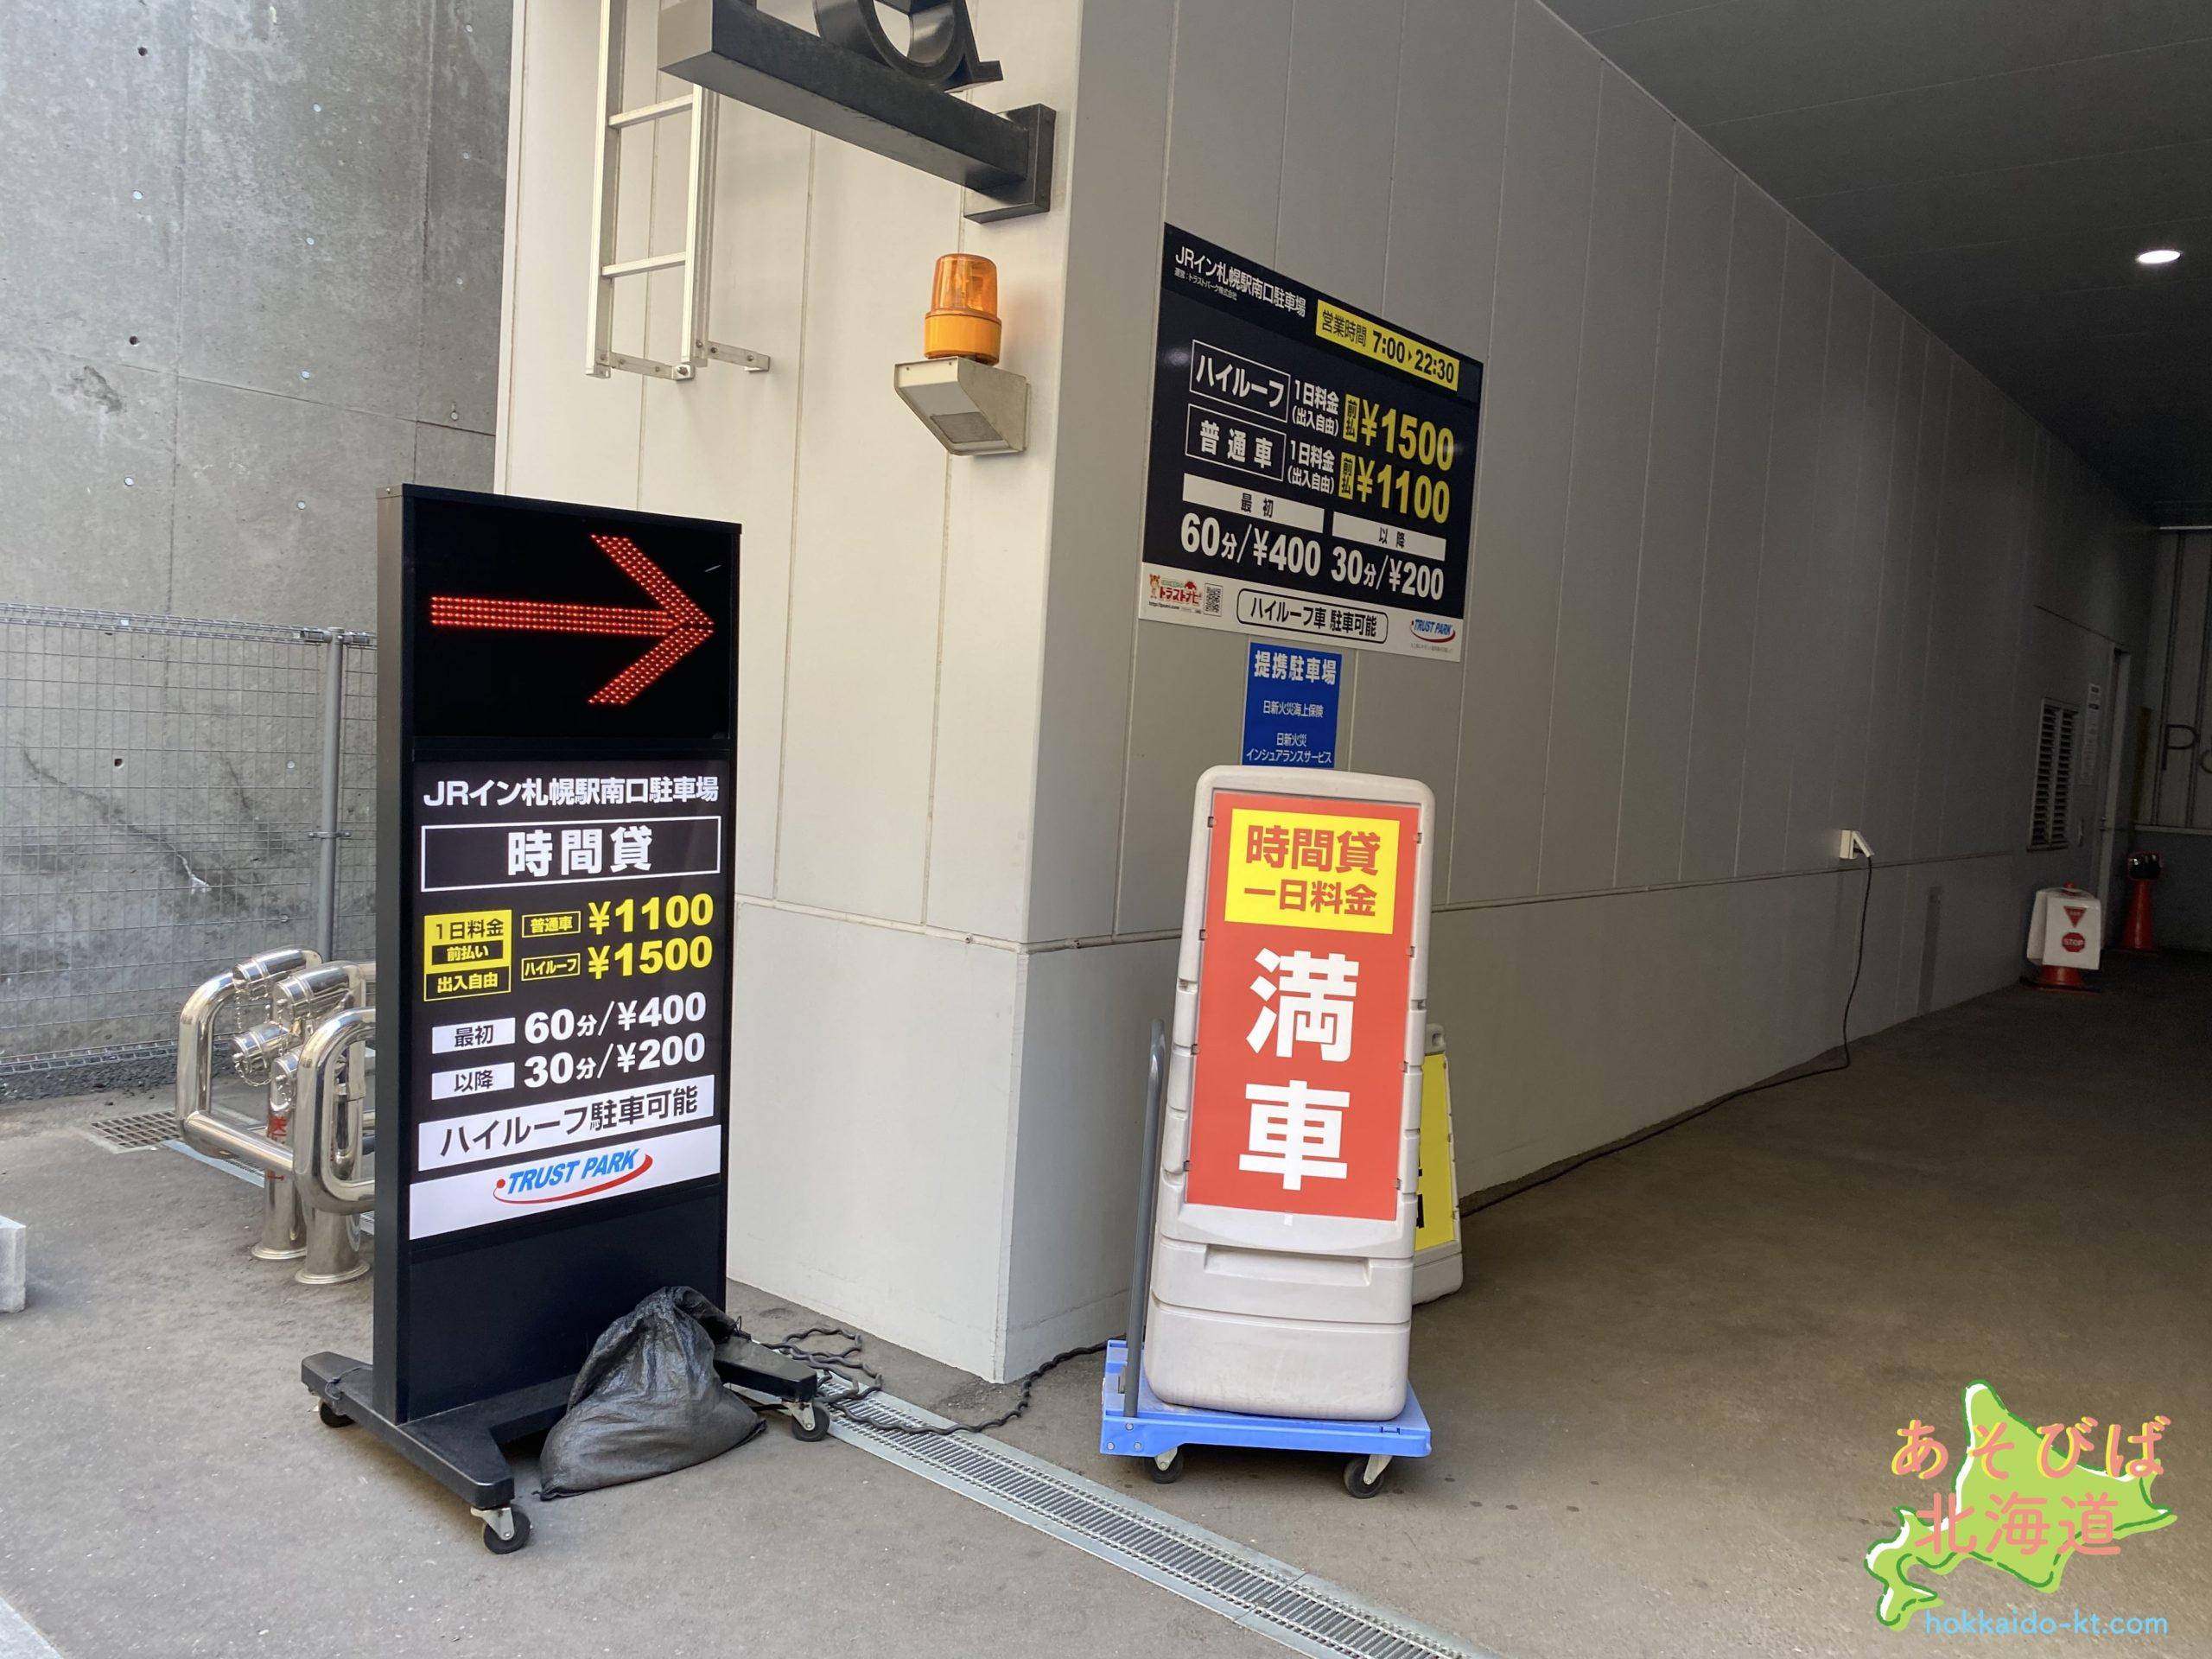 JRイン札幌駅南口駐車場